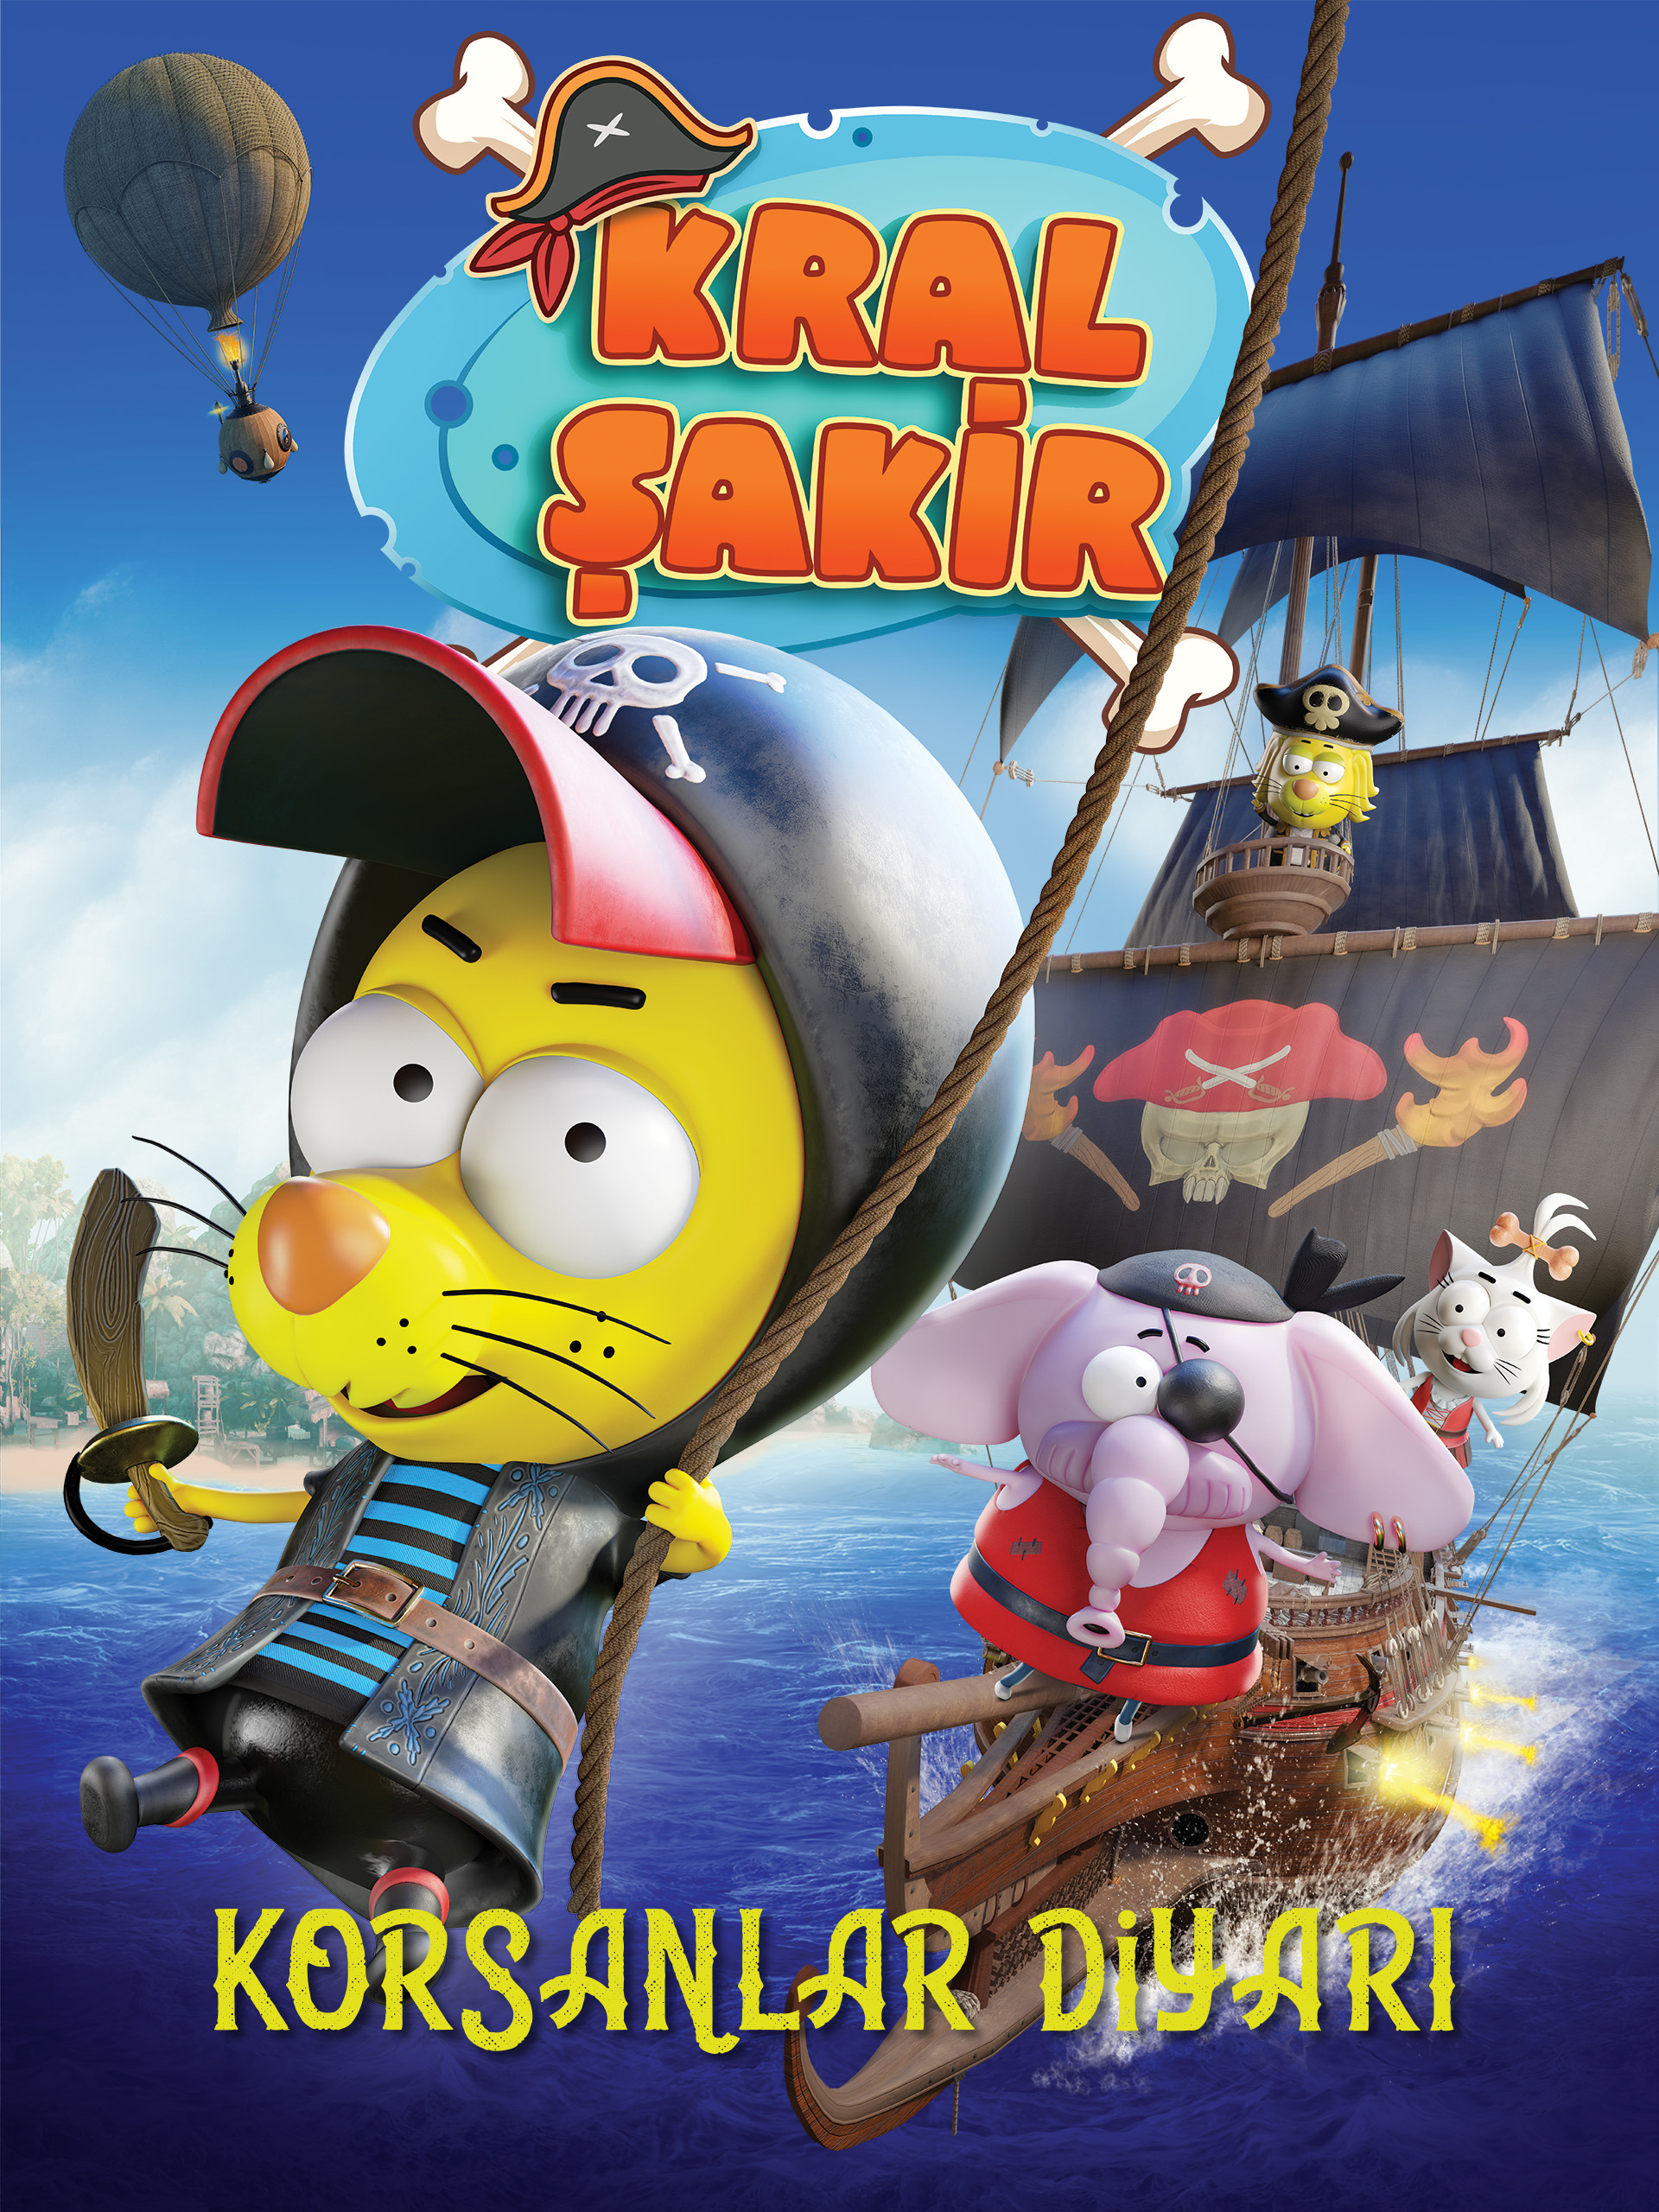 Kral Şakir Korsanlar Diyarı